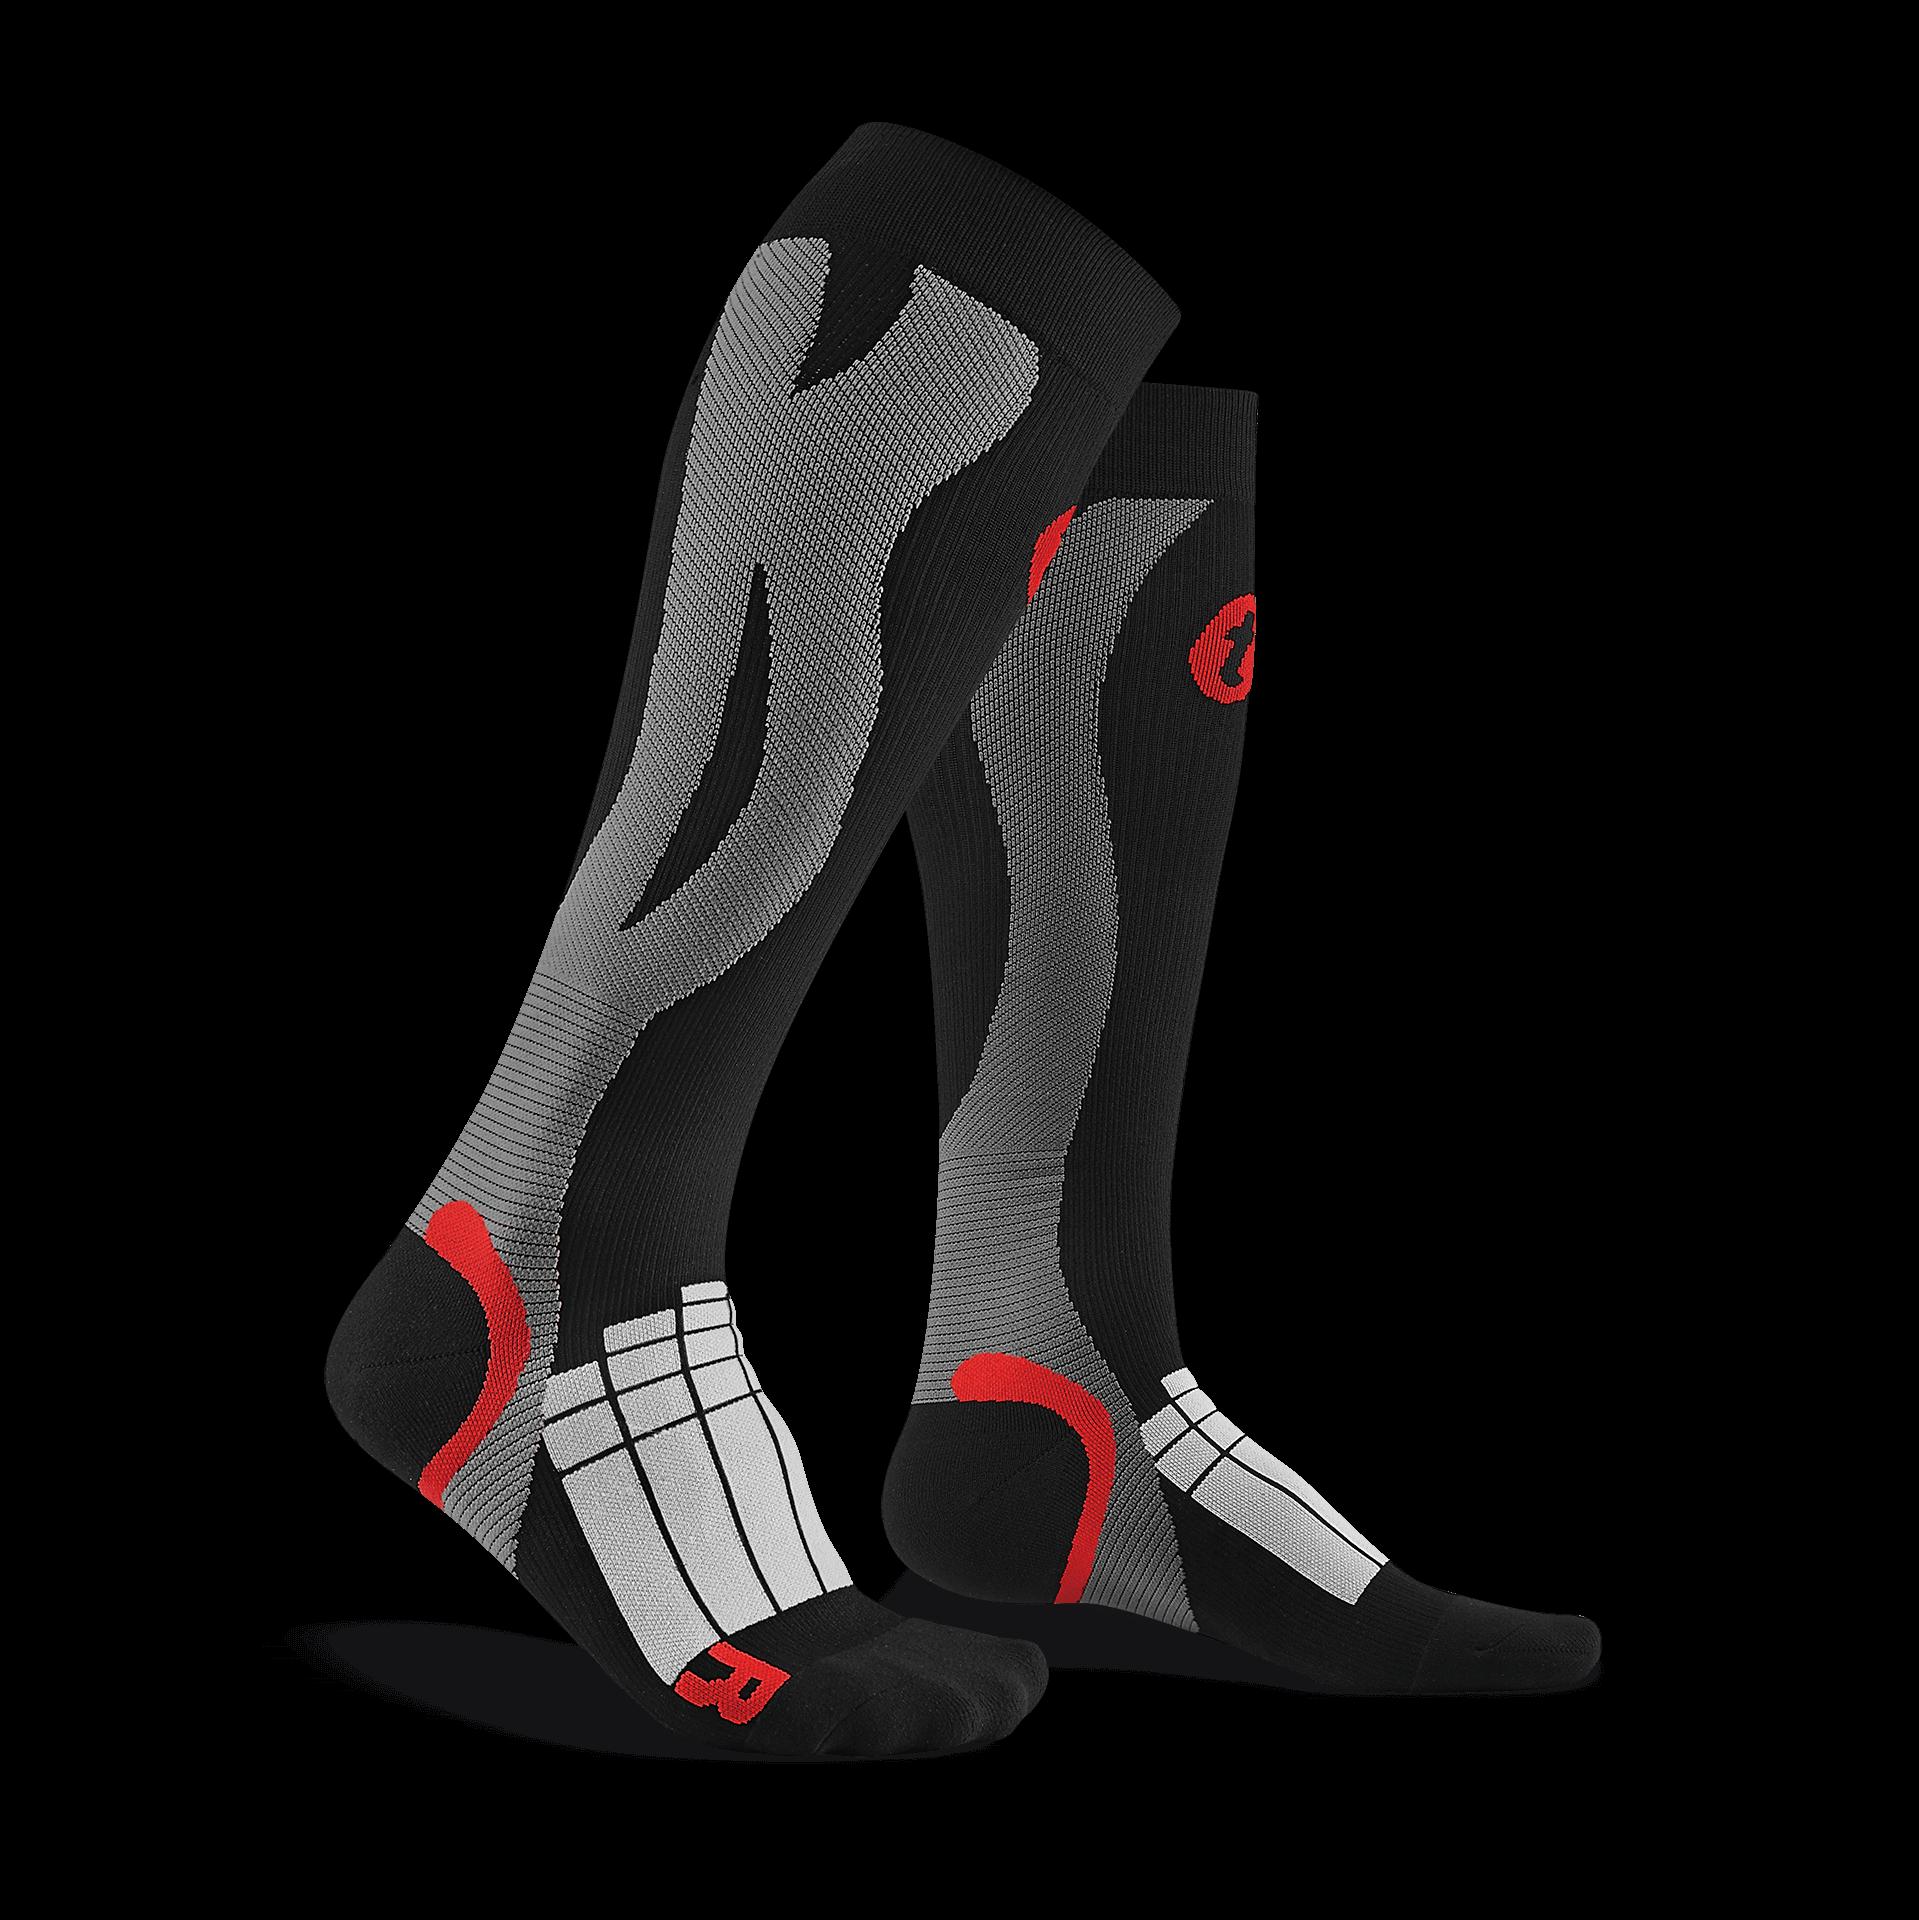 壓力運動襪 Elite